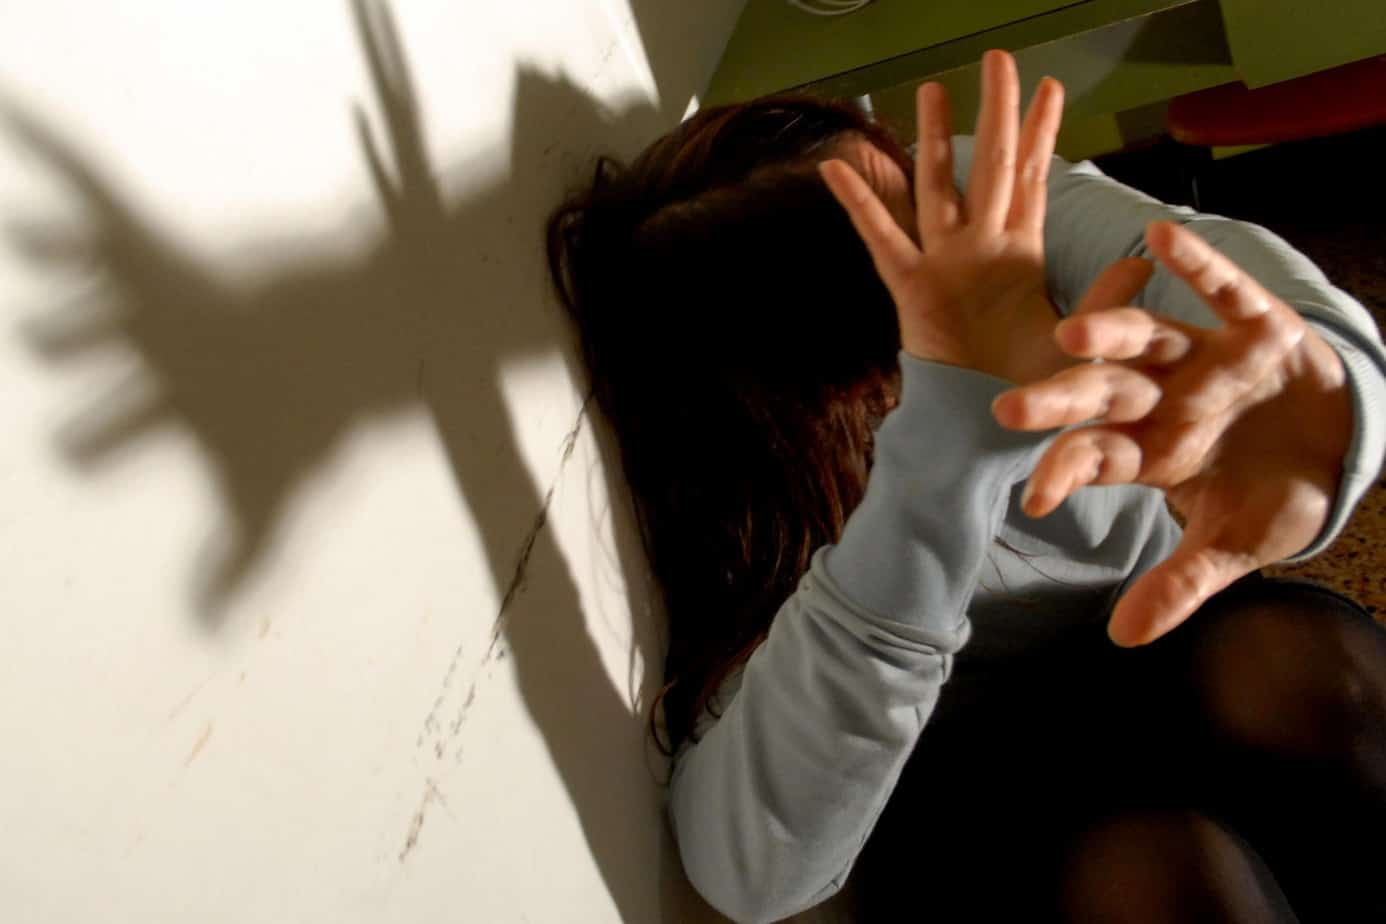 Padre violenta la figlia in Bolivia